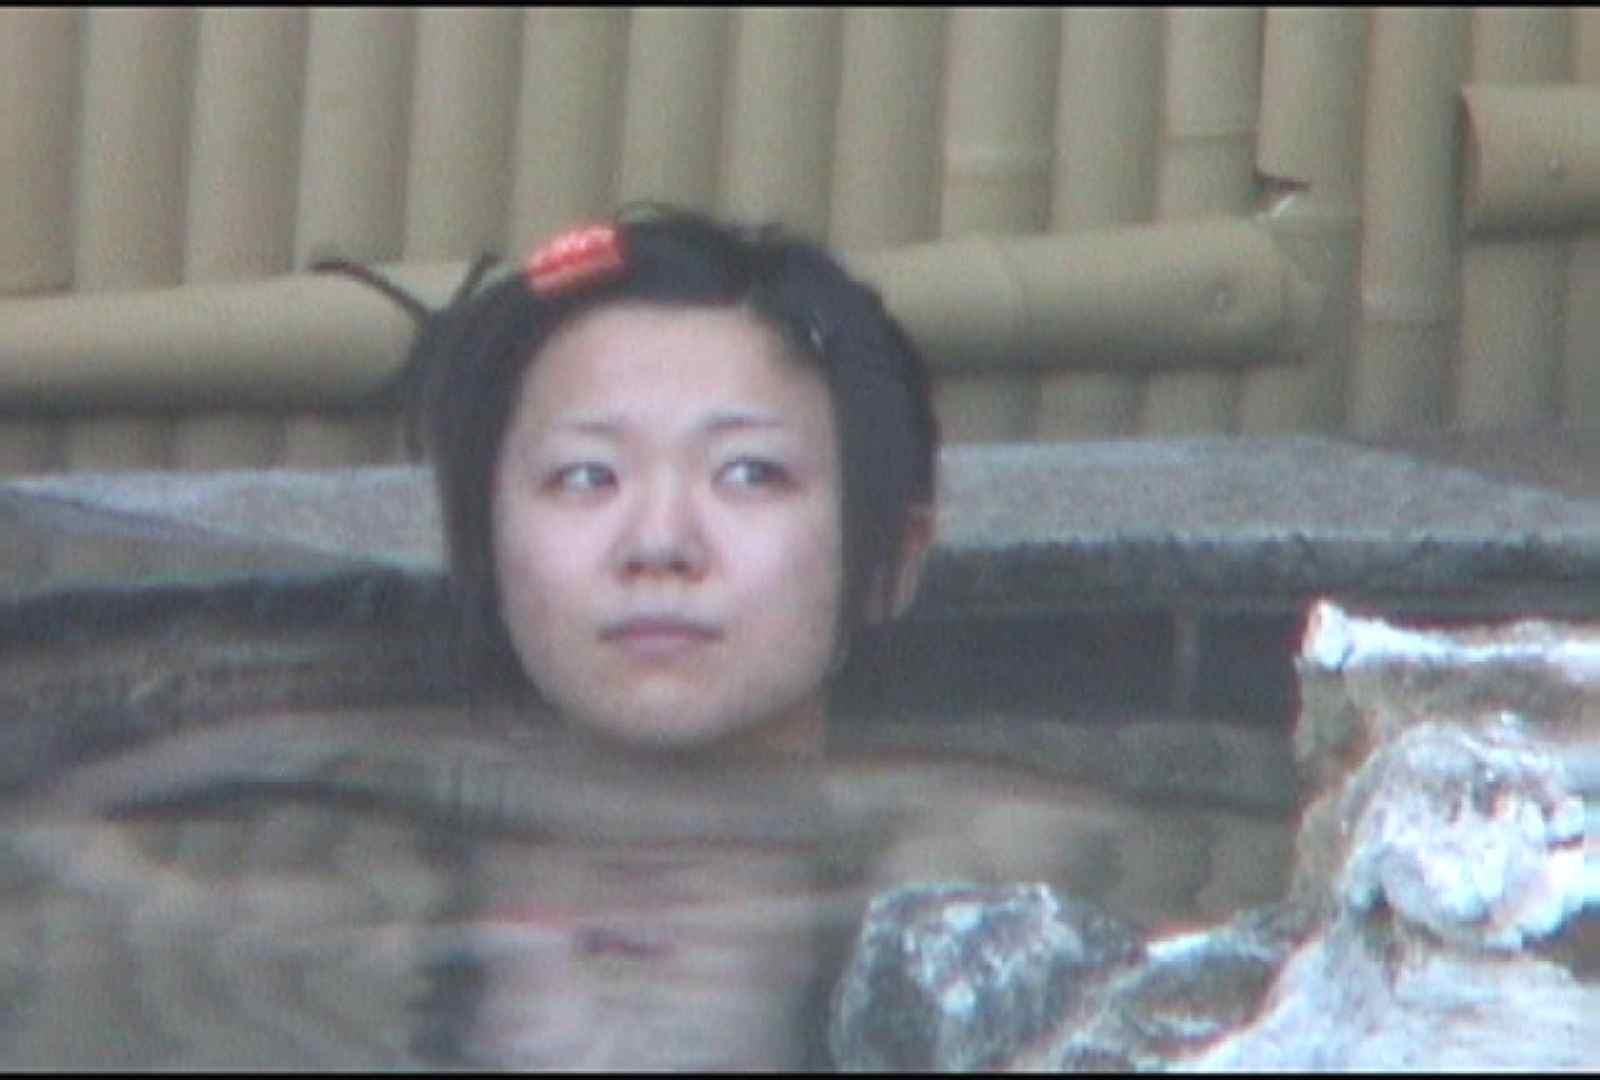 Aquaな露天風呂Vol.175 OLのエロ生活  71連発 33